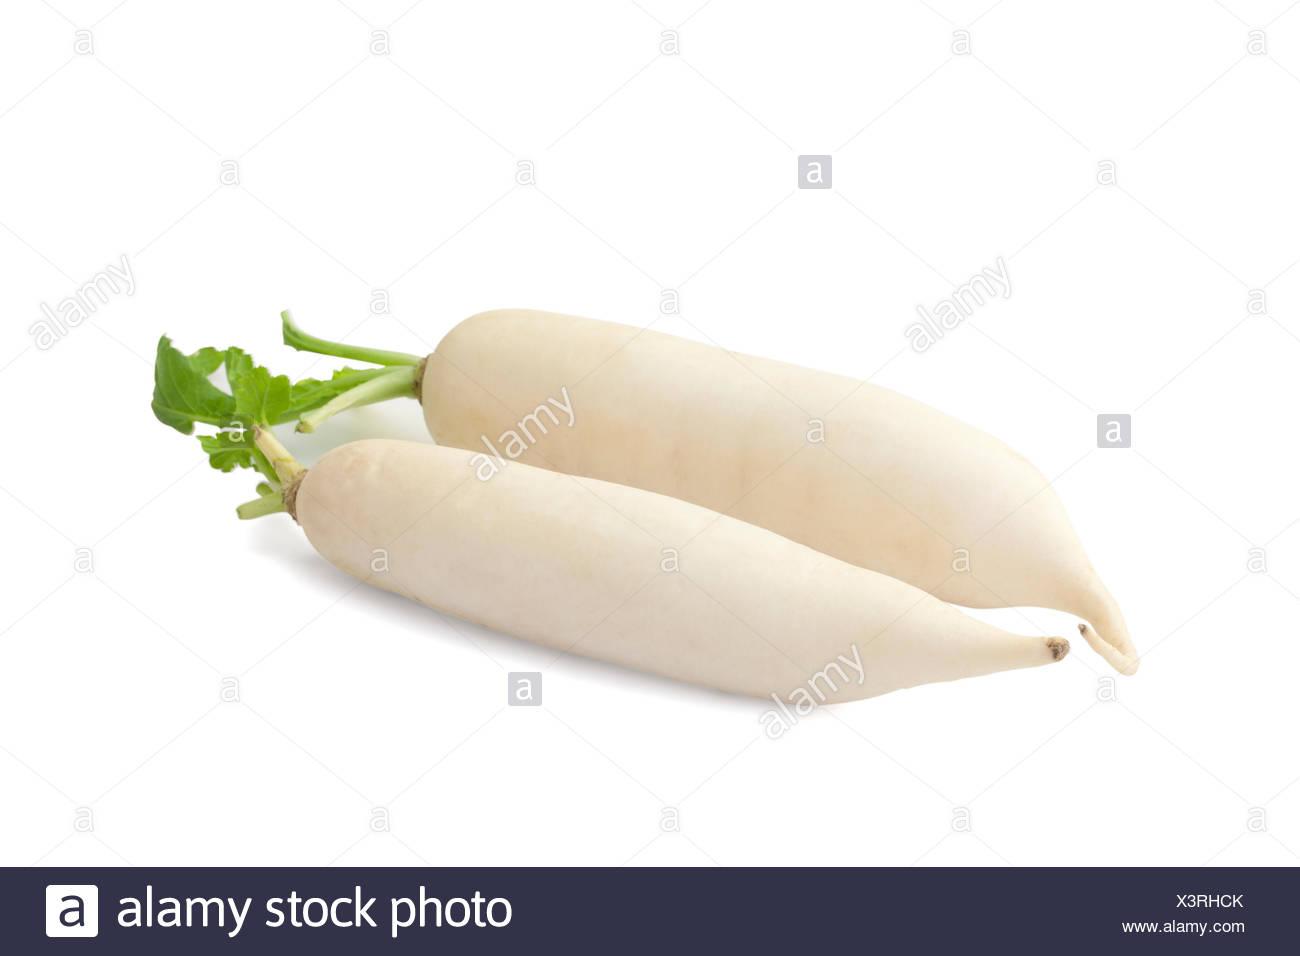 Daikon radish isolated on white background with path - Stock Image